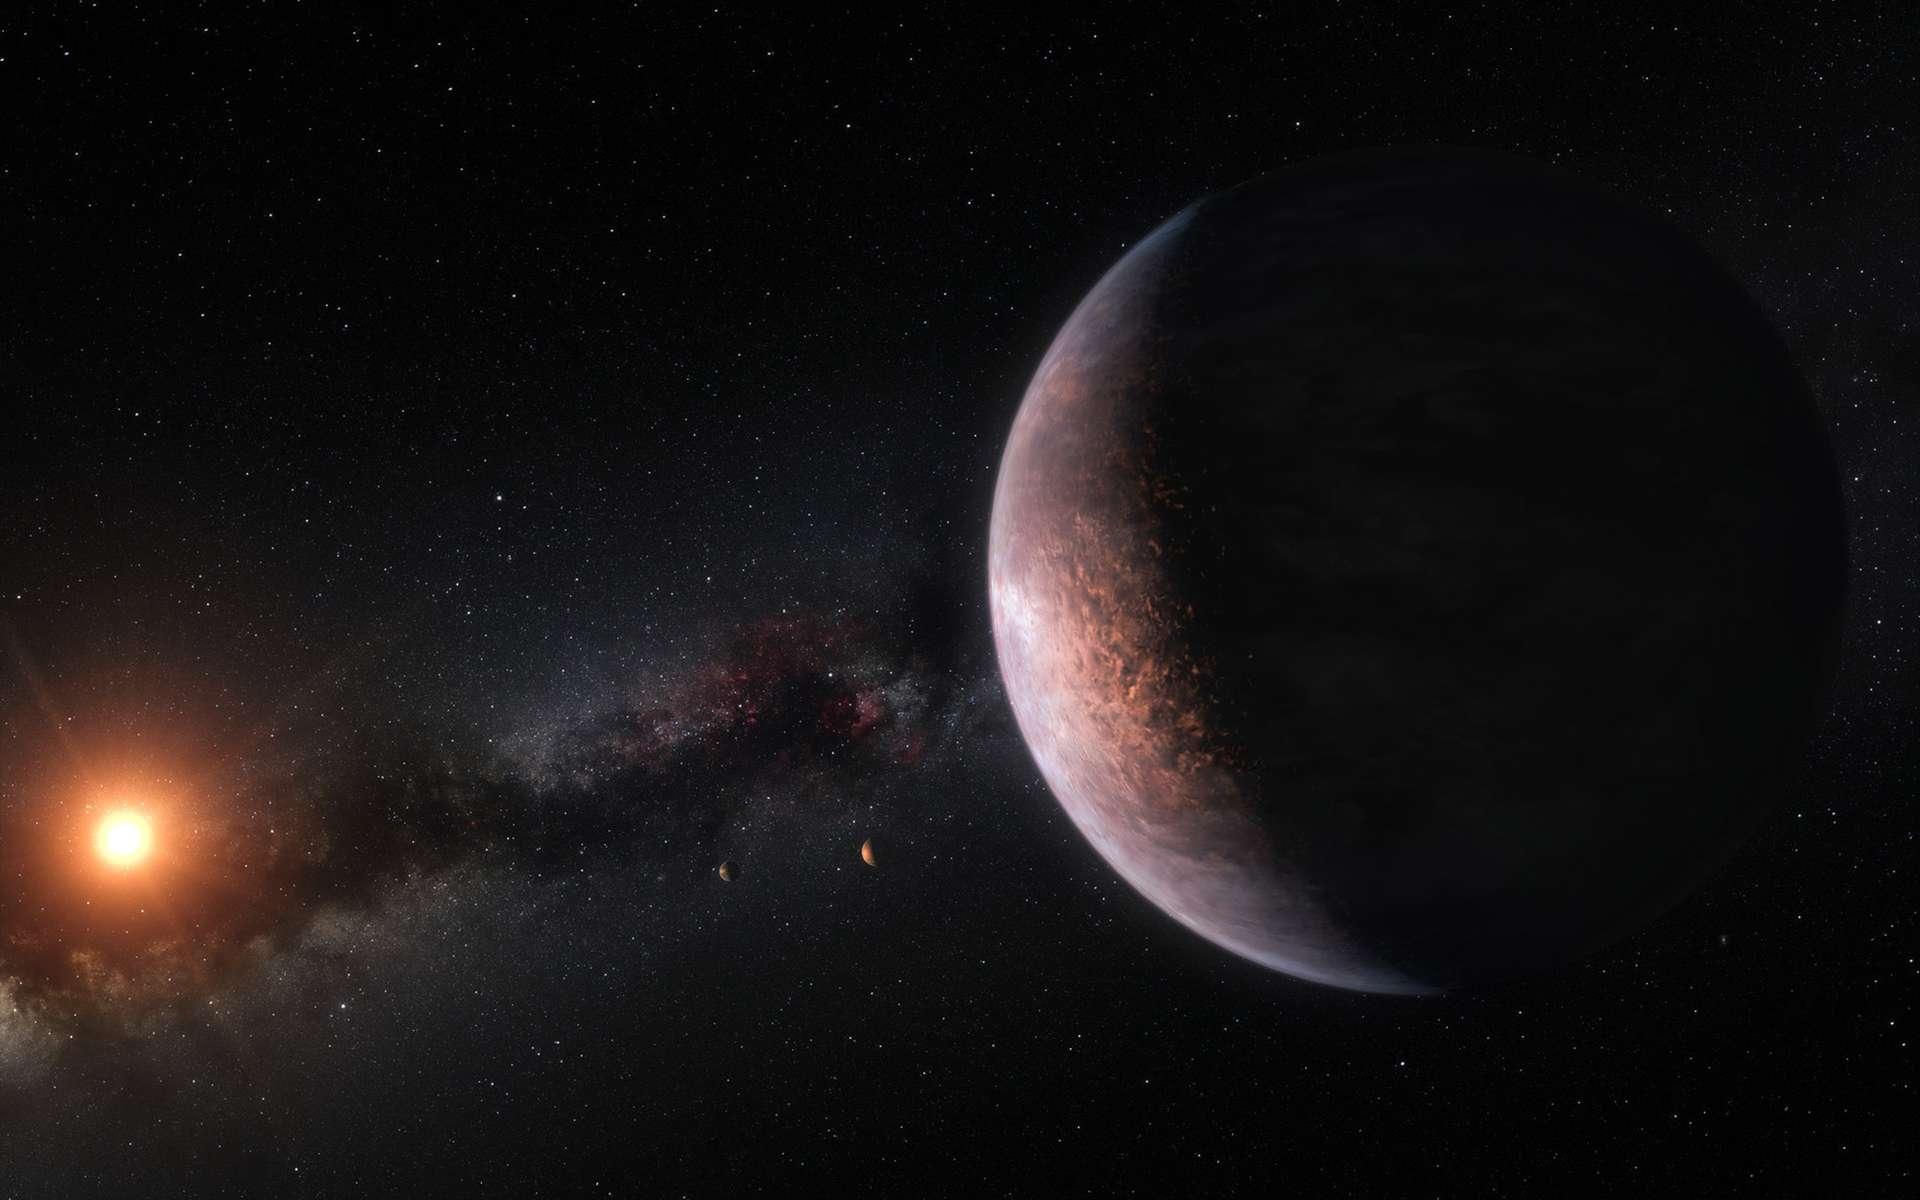 Vue d'artiste d'une exoplanète autour de Trappist-1. © ESO / M. Kornmesser